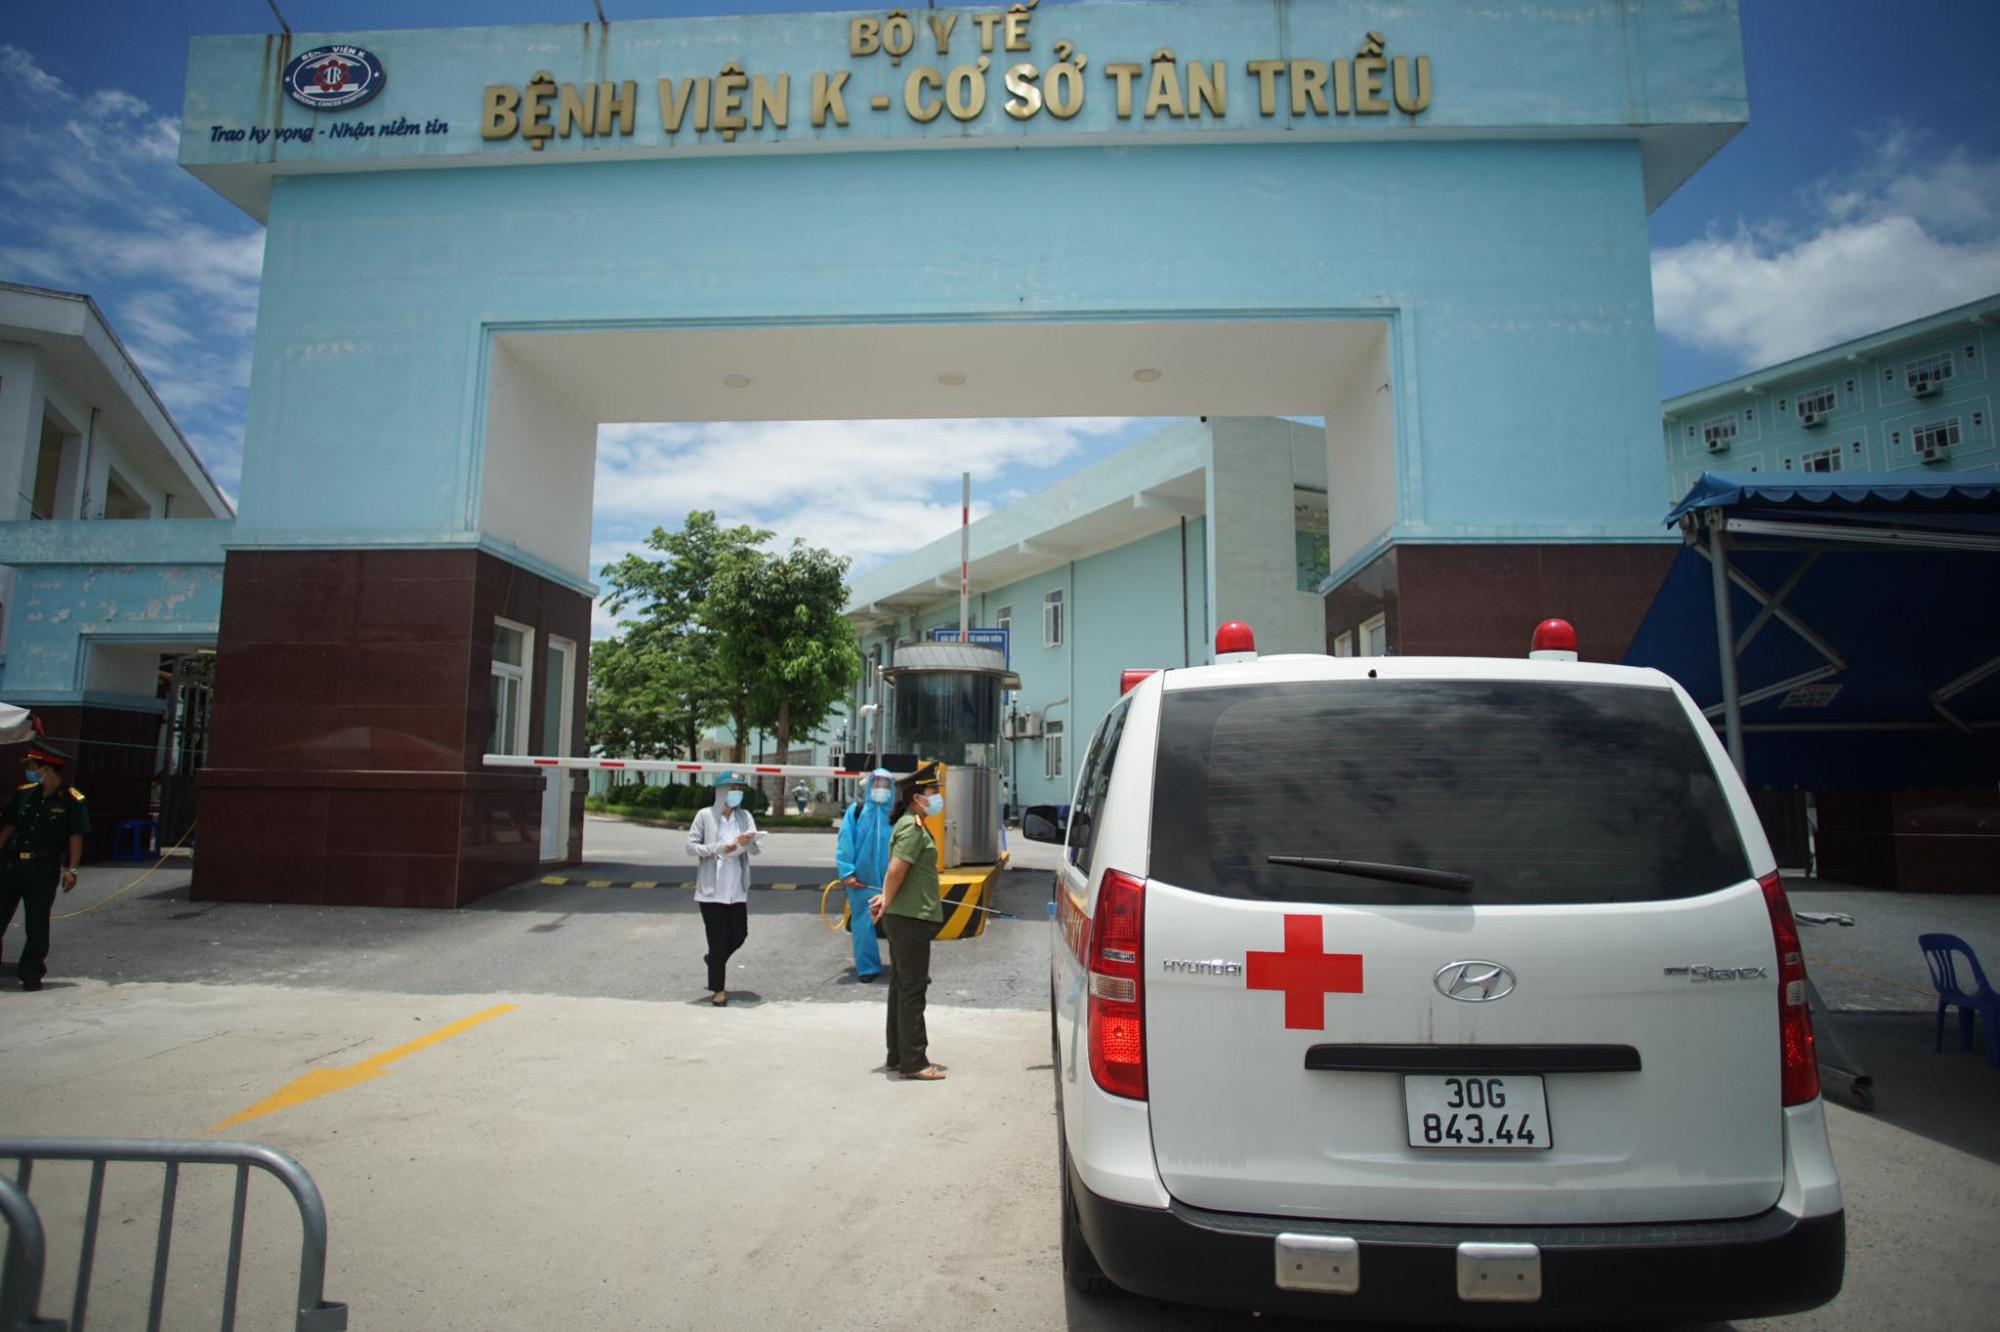 Bệnh viện K cơ sở Tân Triều là tiếp tục quay trở lại hoạt động bình thường,